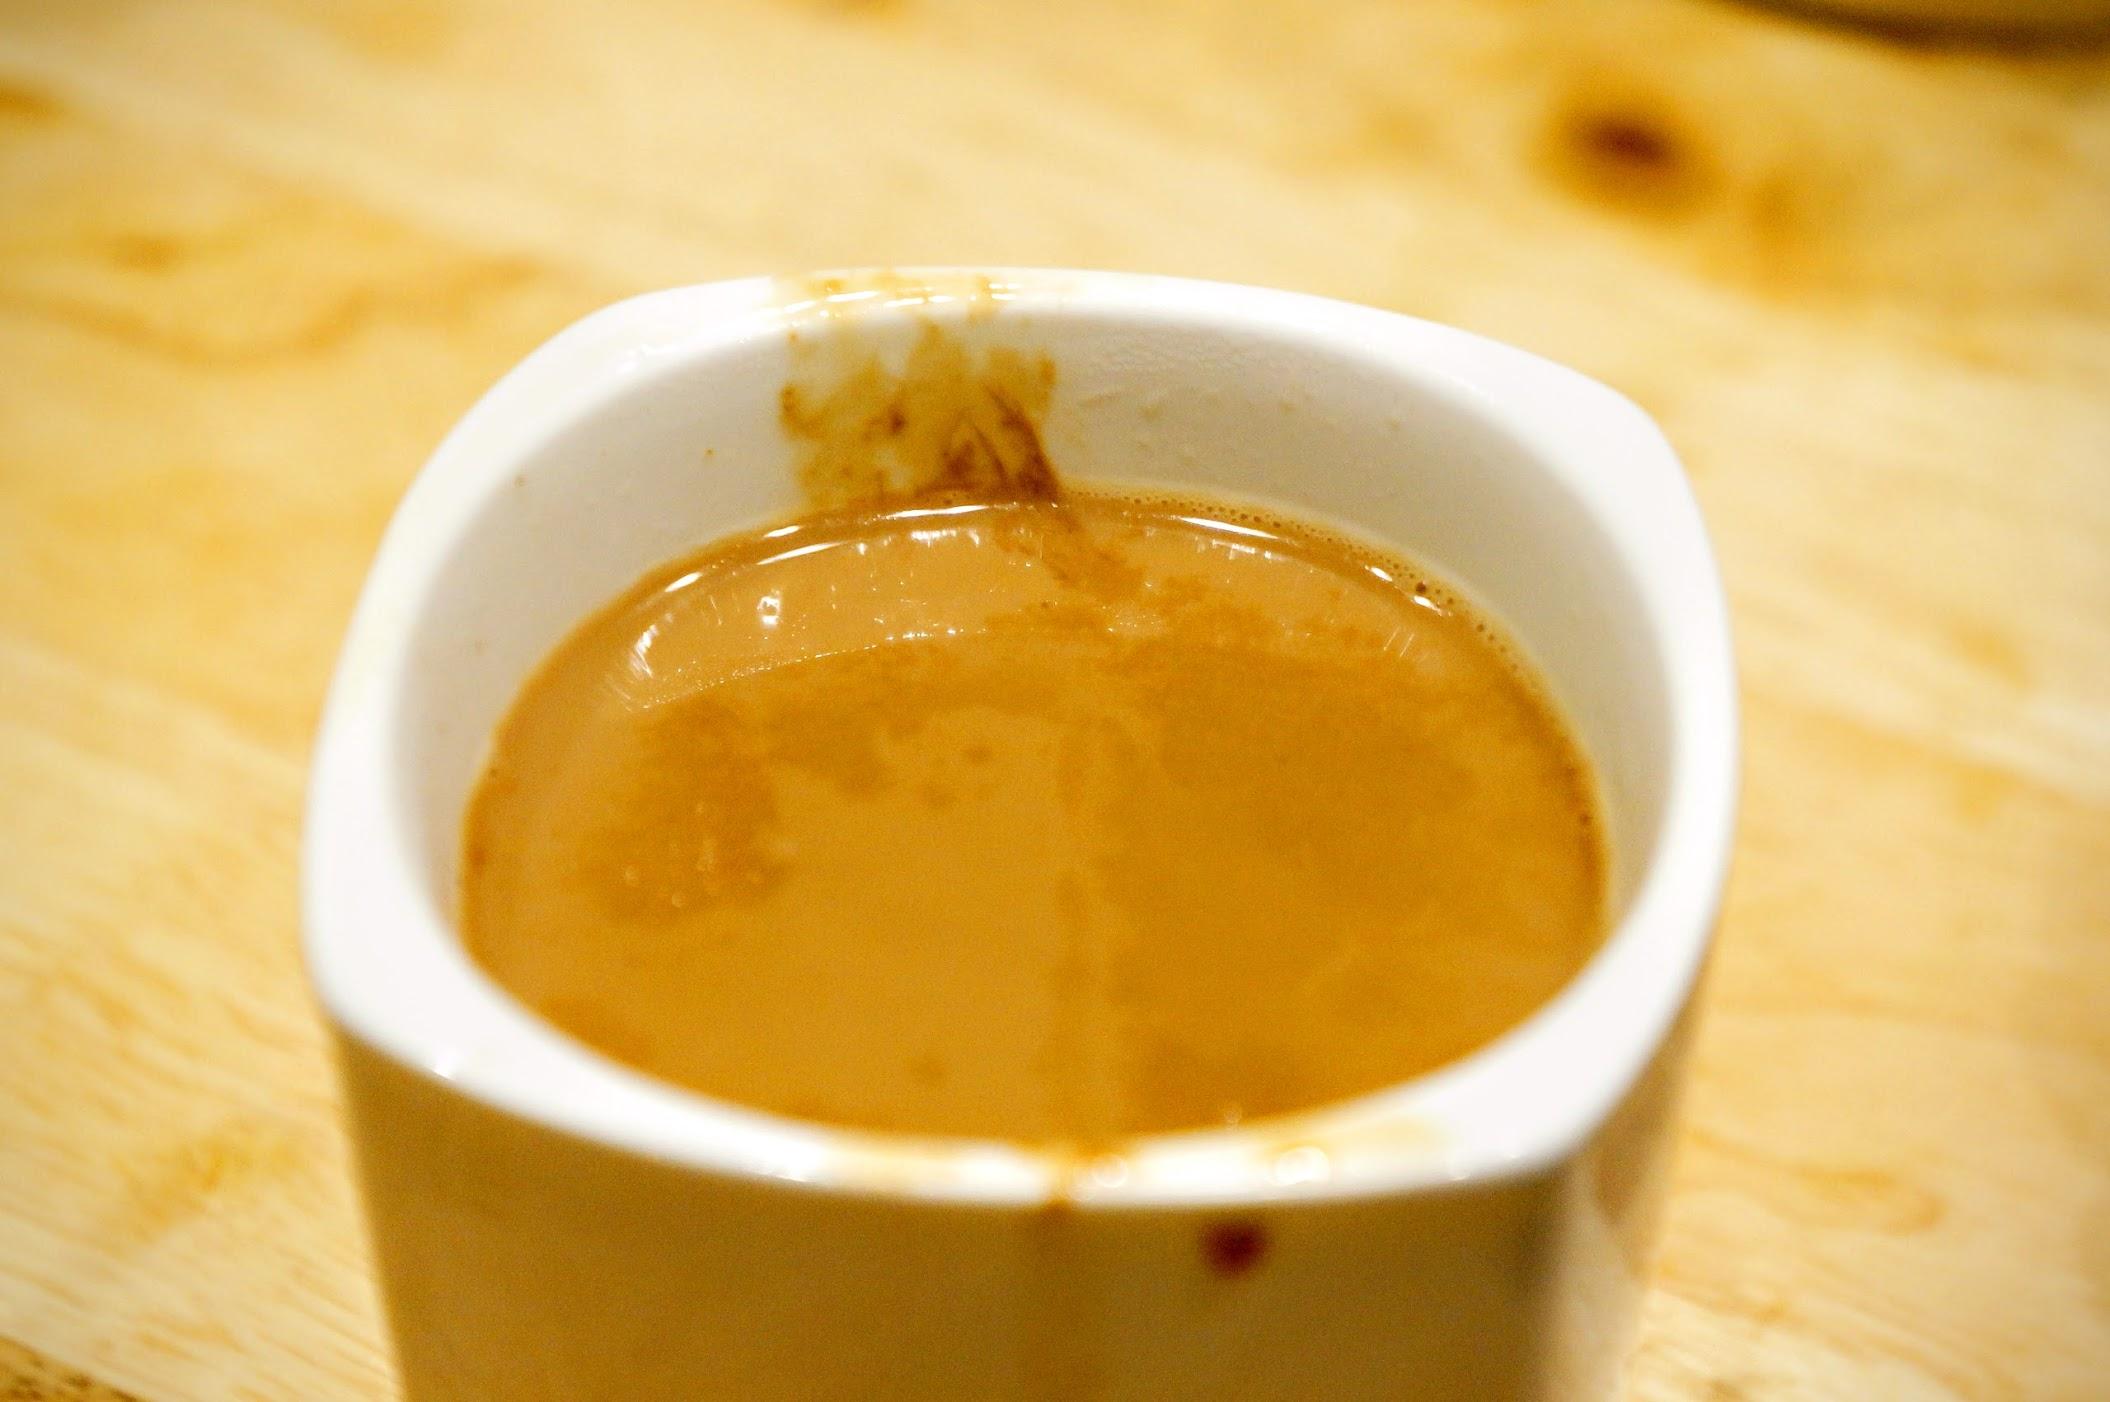 有機黑糖鮮奶茶,在這三杯奶茶當中這杯偏甜但也是最好喝的